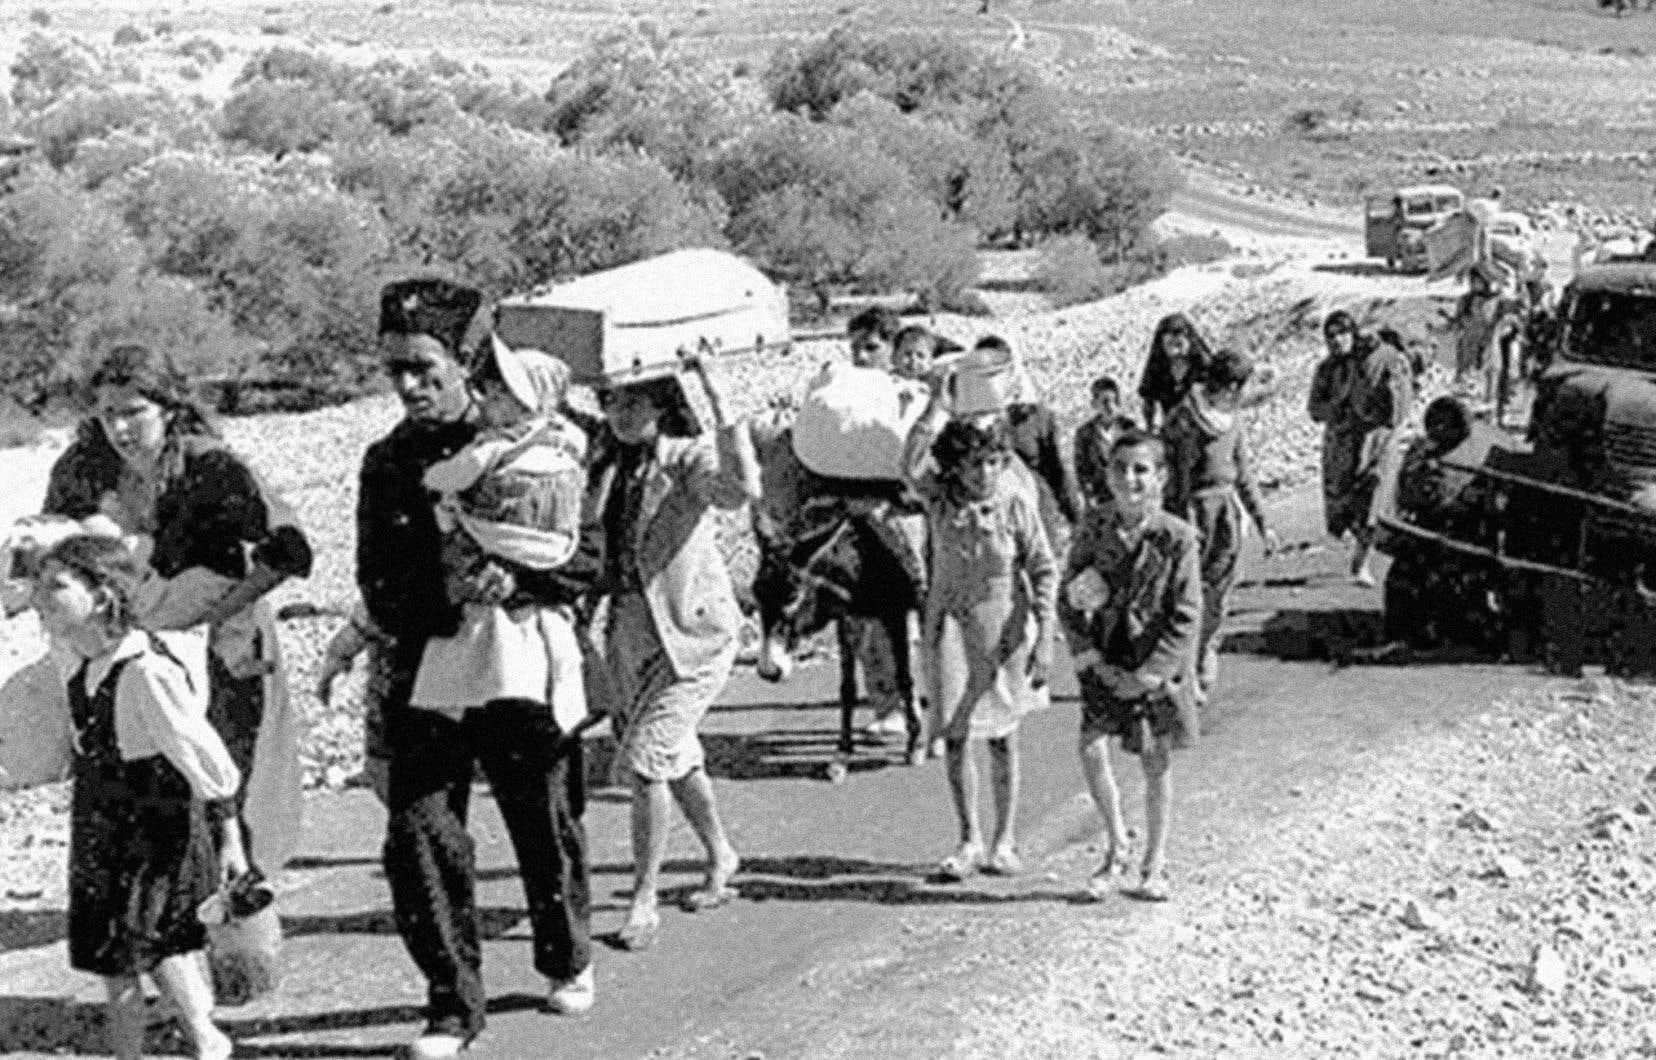 À Gaza, le souvenir de la Nakhba est d'autant plus prégnant que 70% de la population est constituée de réfugiés, souligne l'auteur.